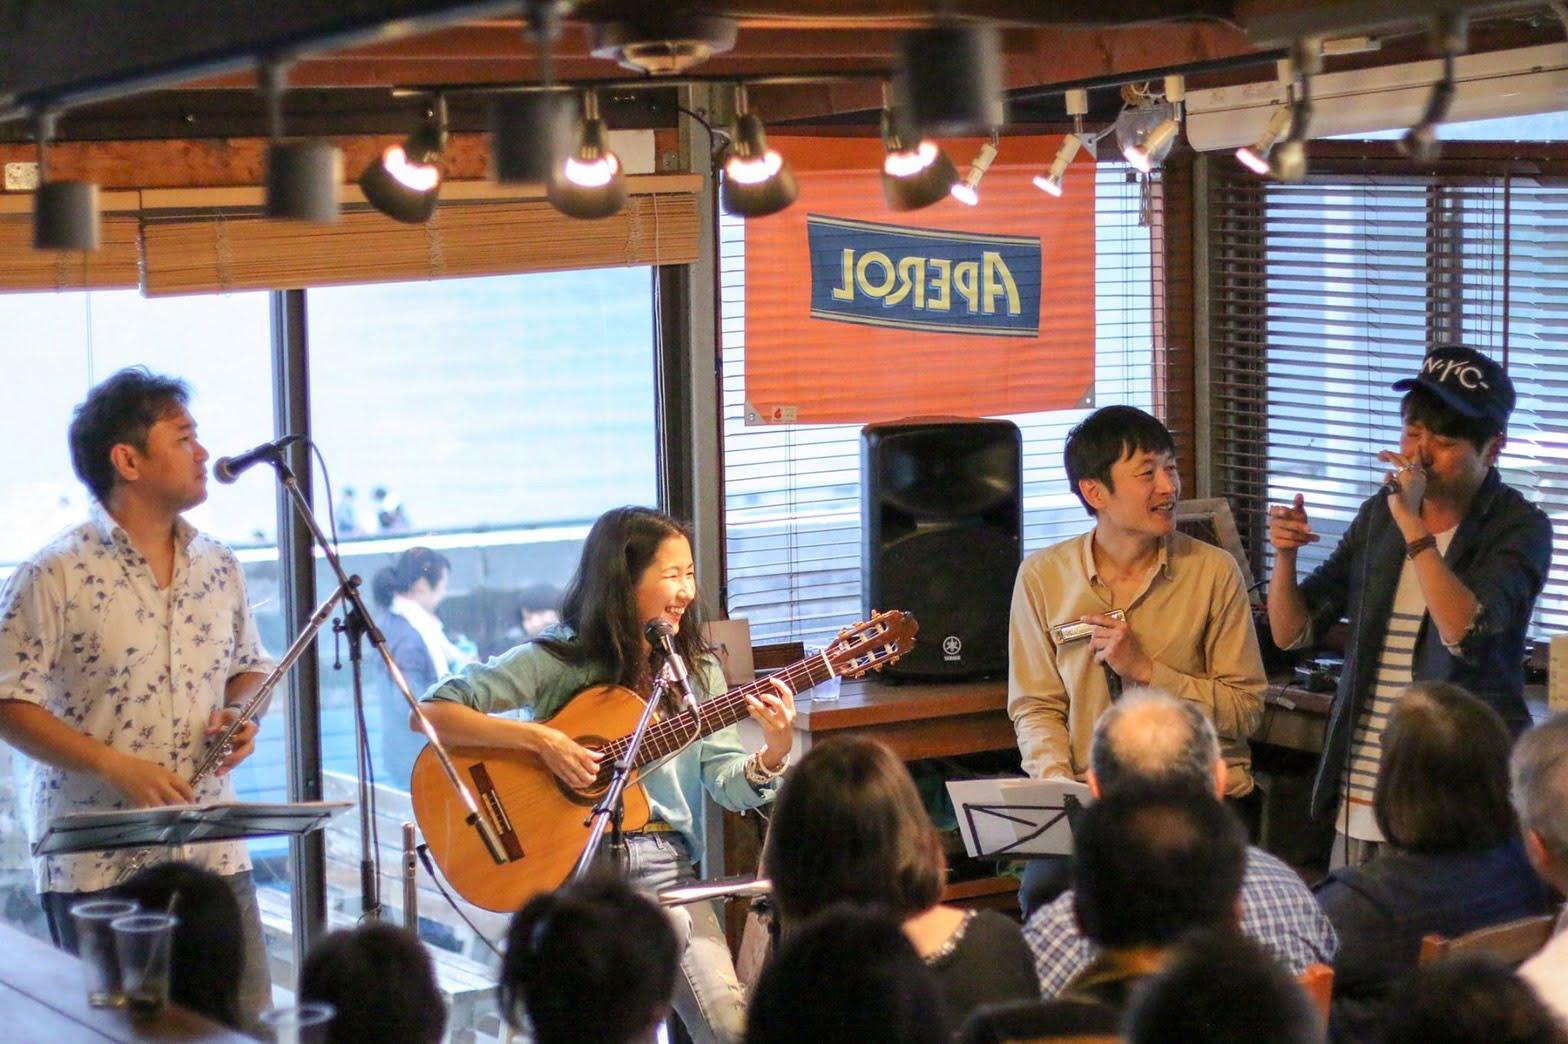 2017年・逗子 カフェ渚小屋 左から、フルート川満直哉、Karen Tokita、ハーモニカmatsumonica、ボイスパーカッションおっくん